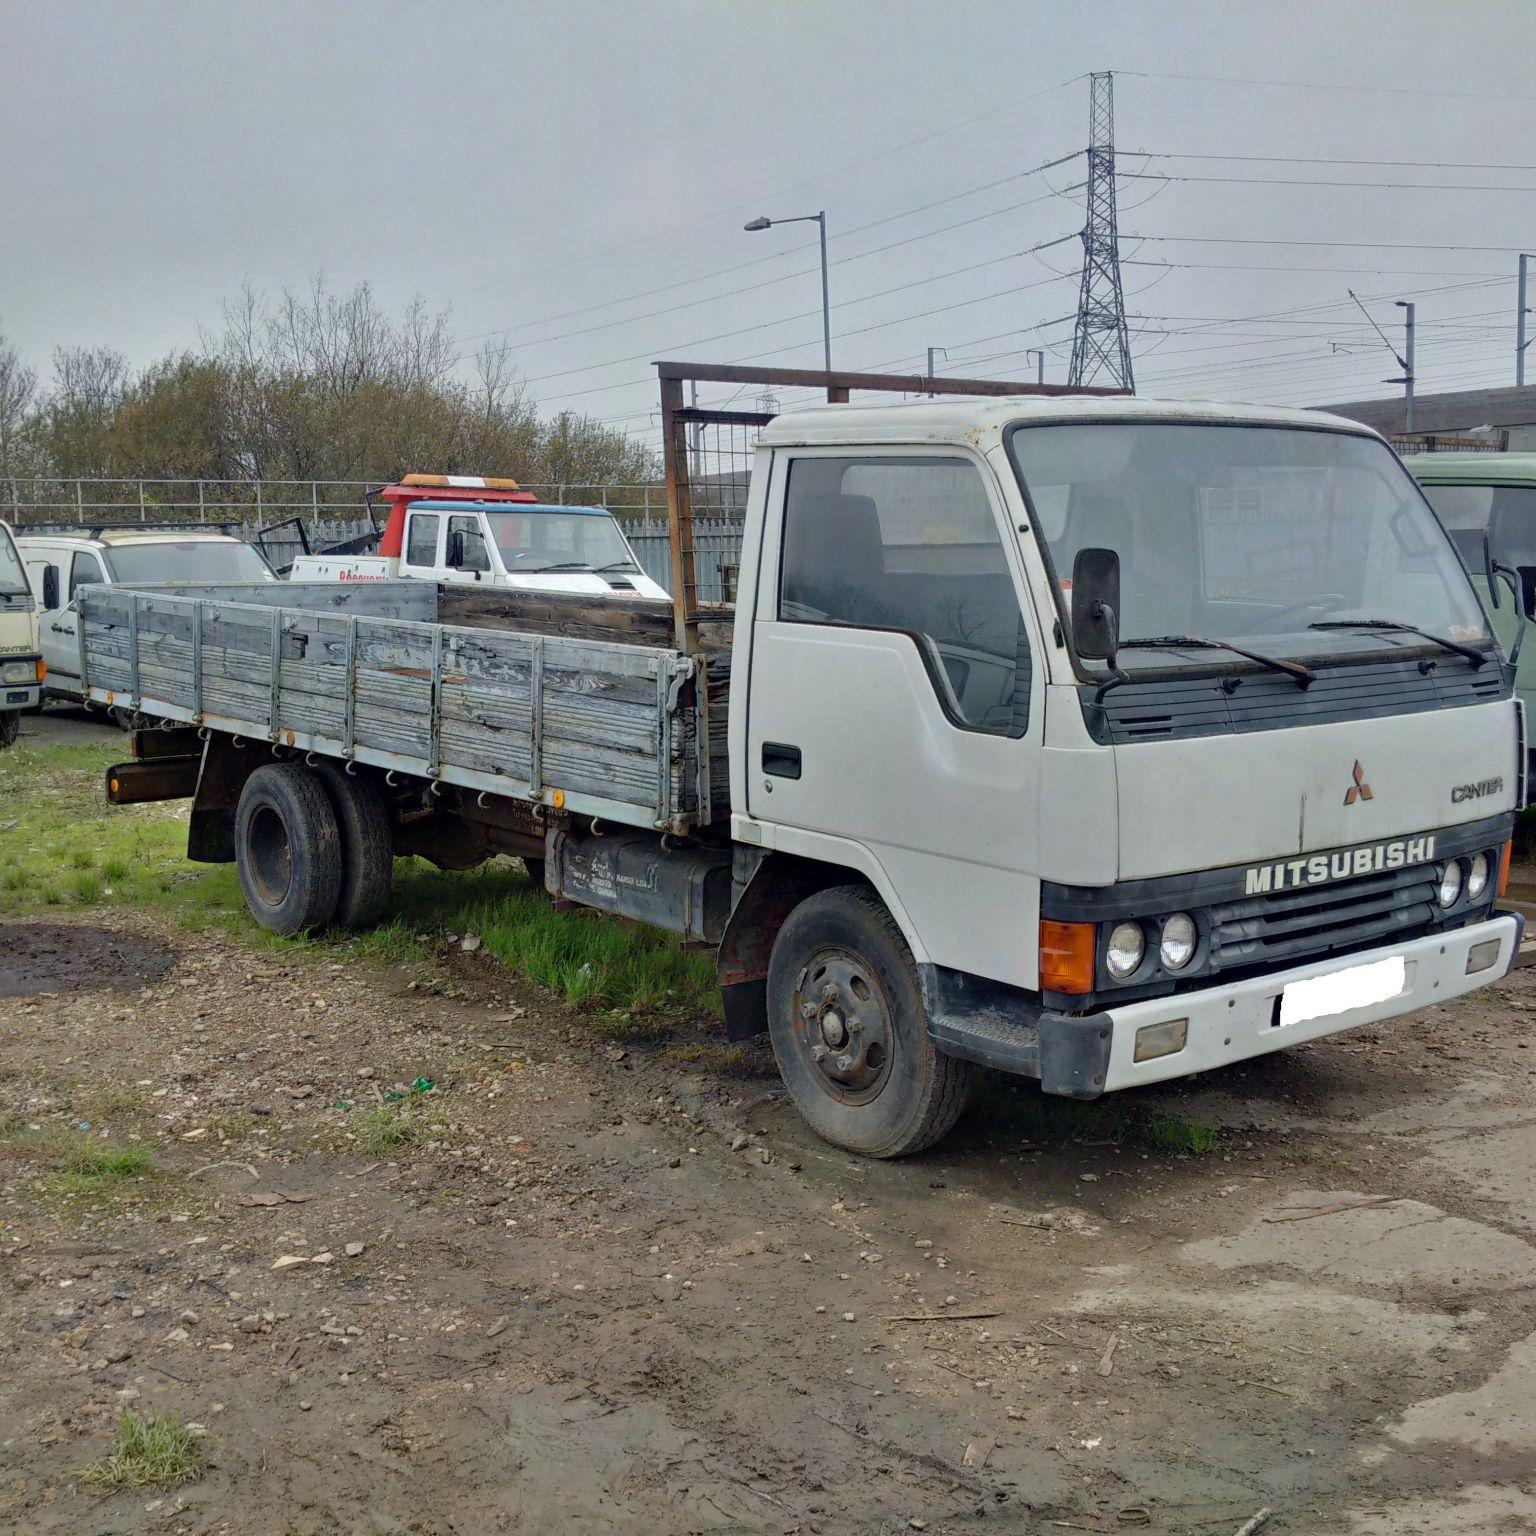 LHD Mitsubishi Canter